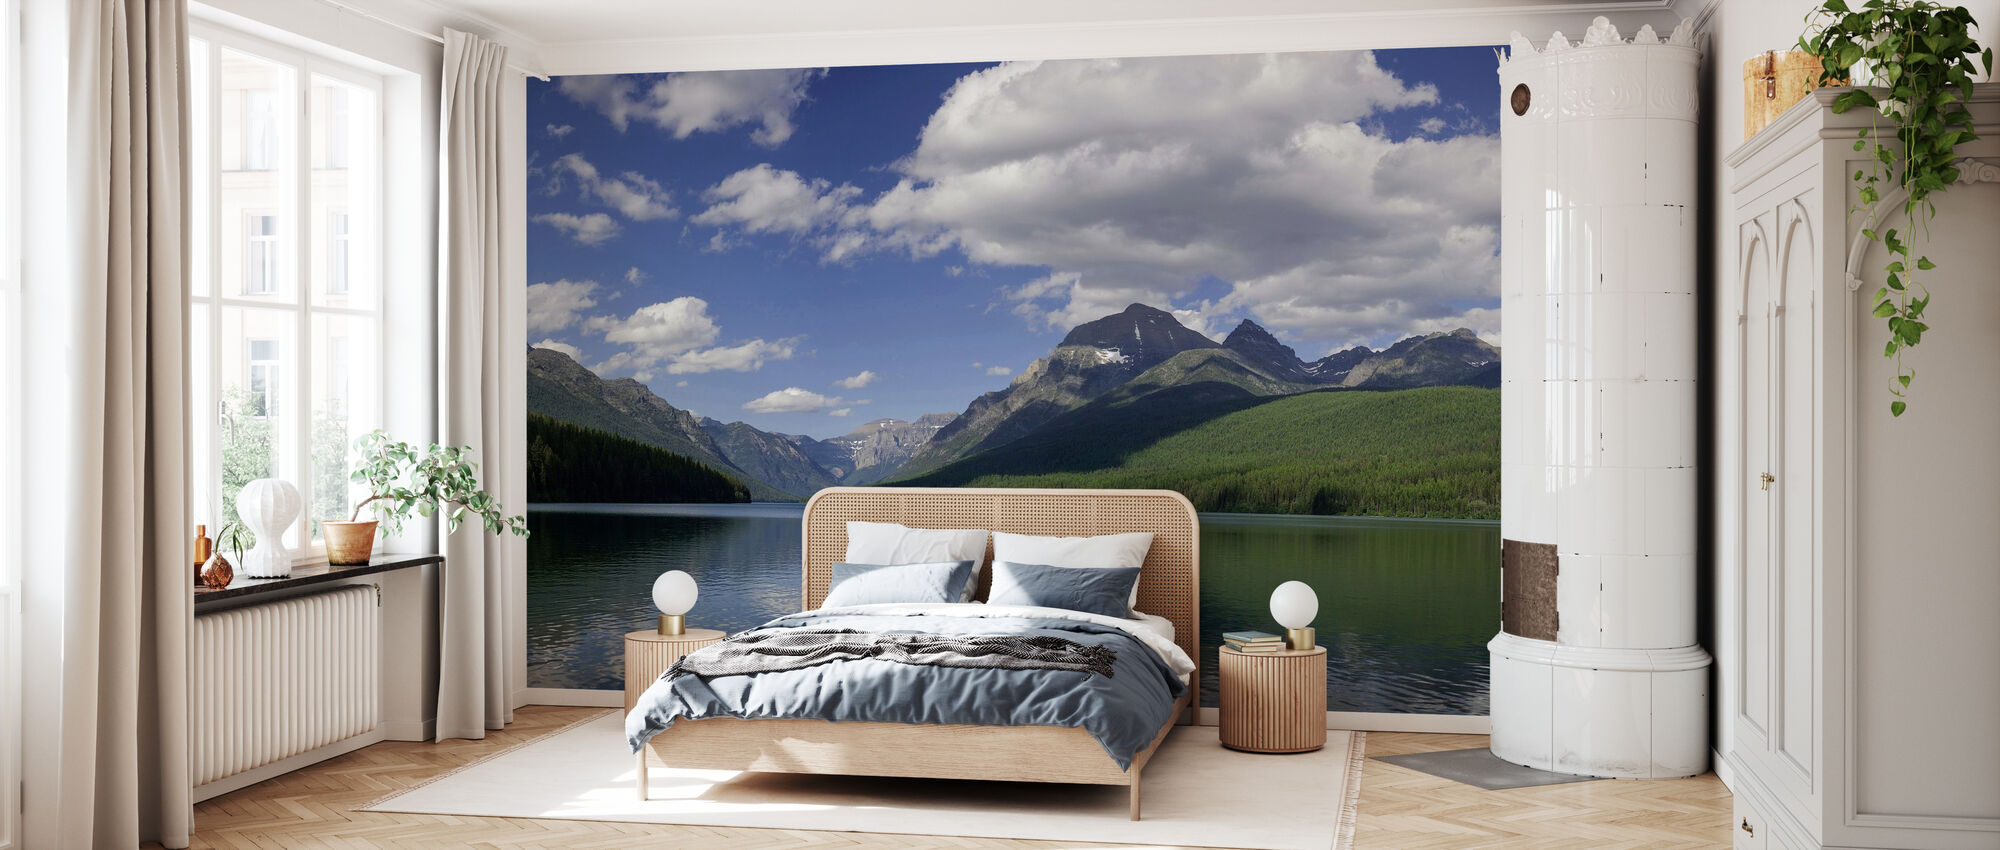 Bowman Lake Panorama - Wallpaper - Bedroom